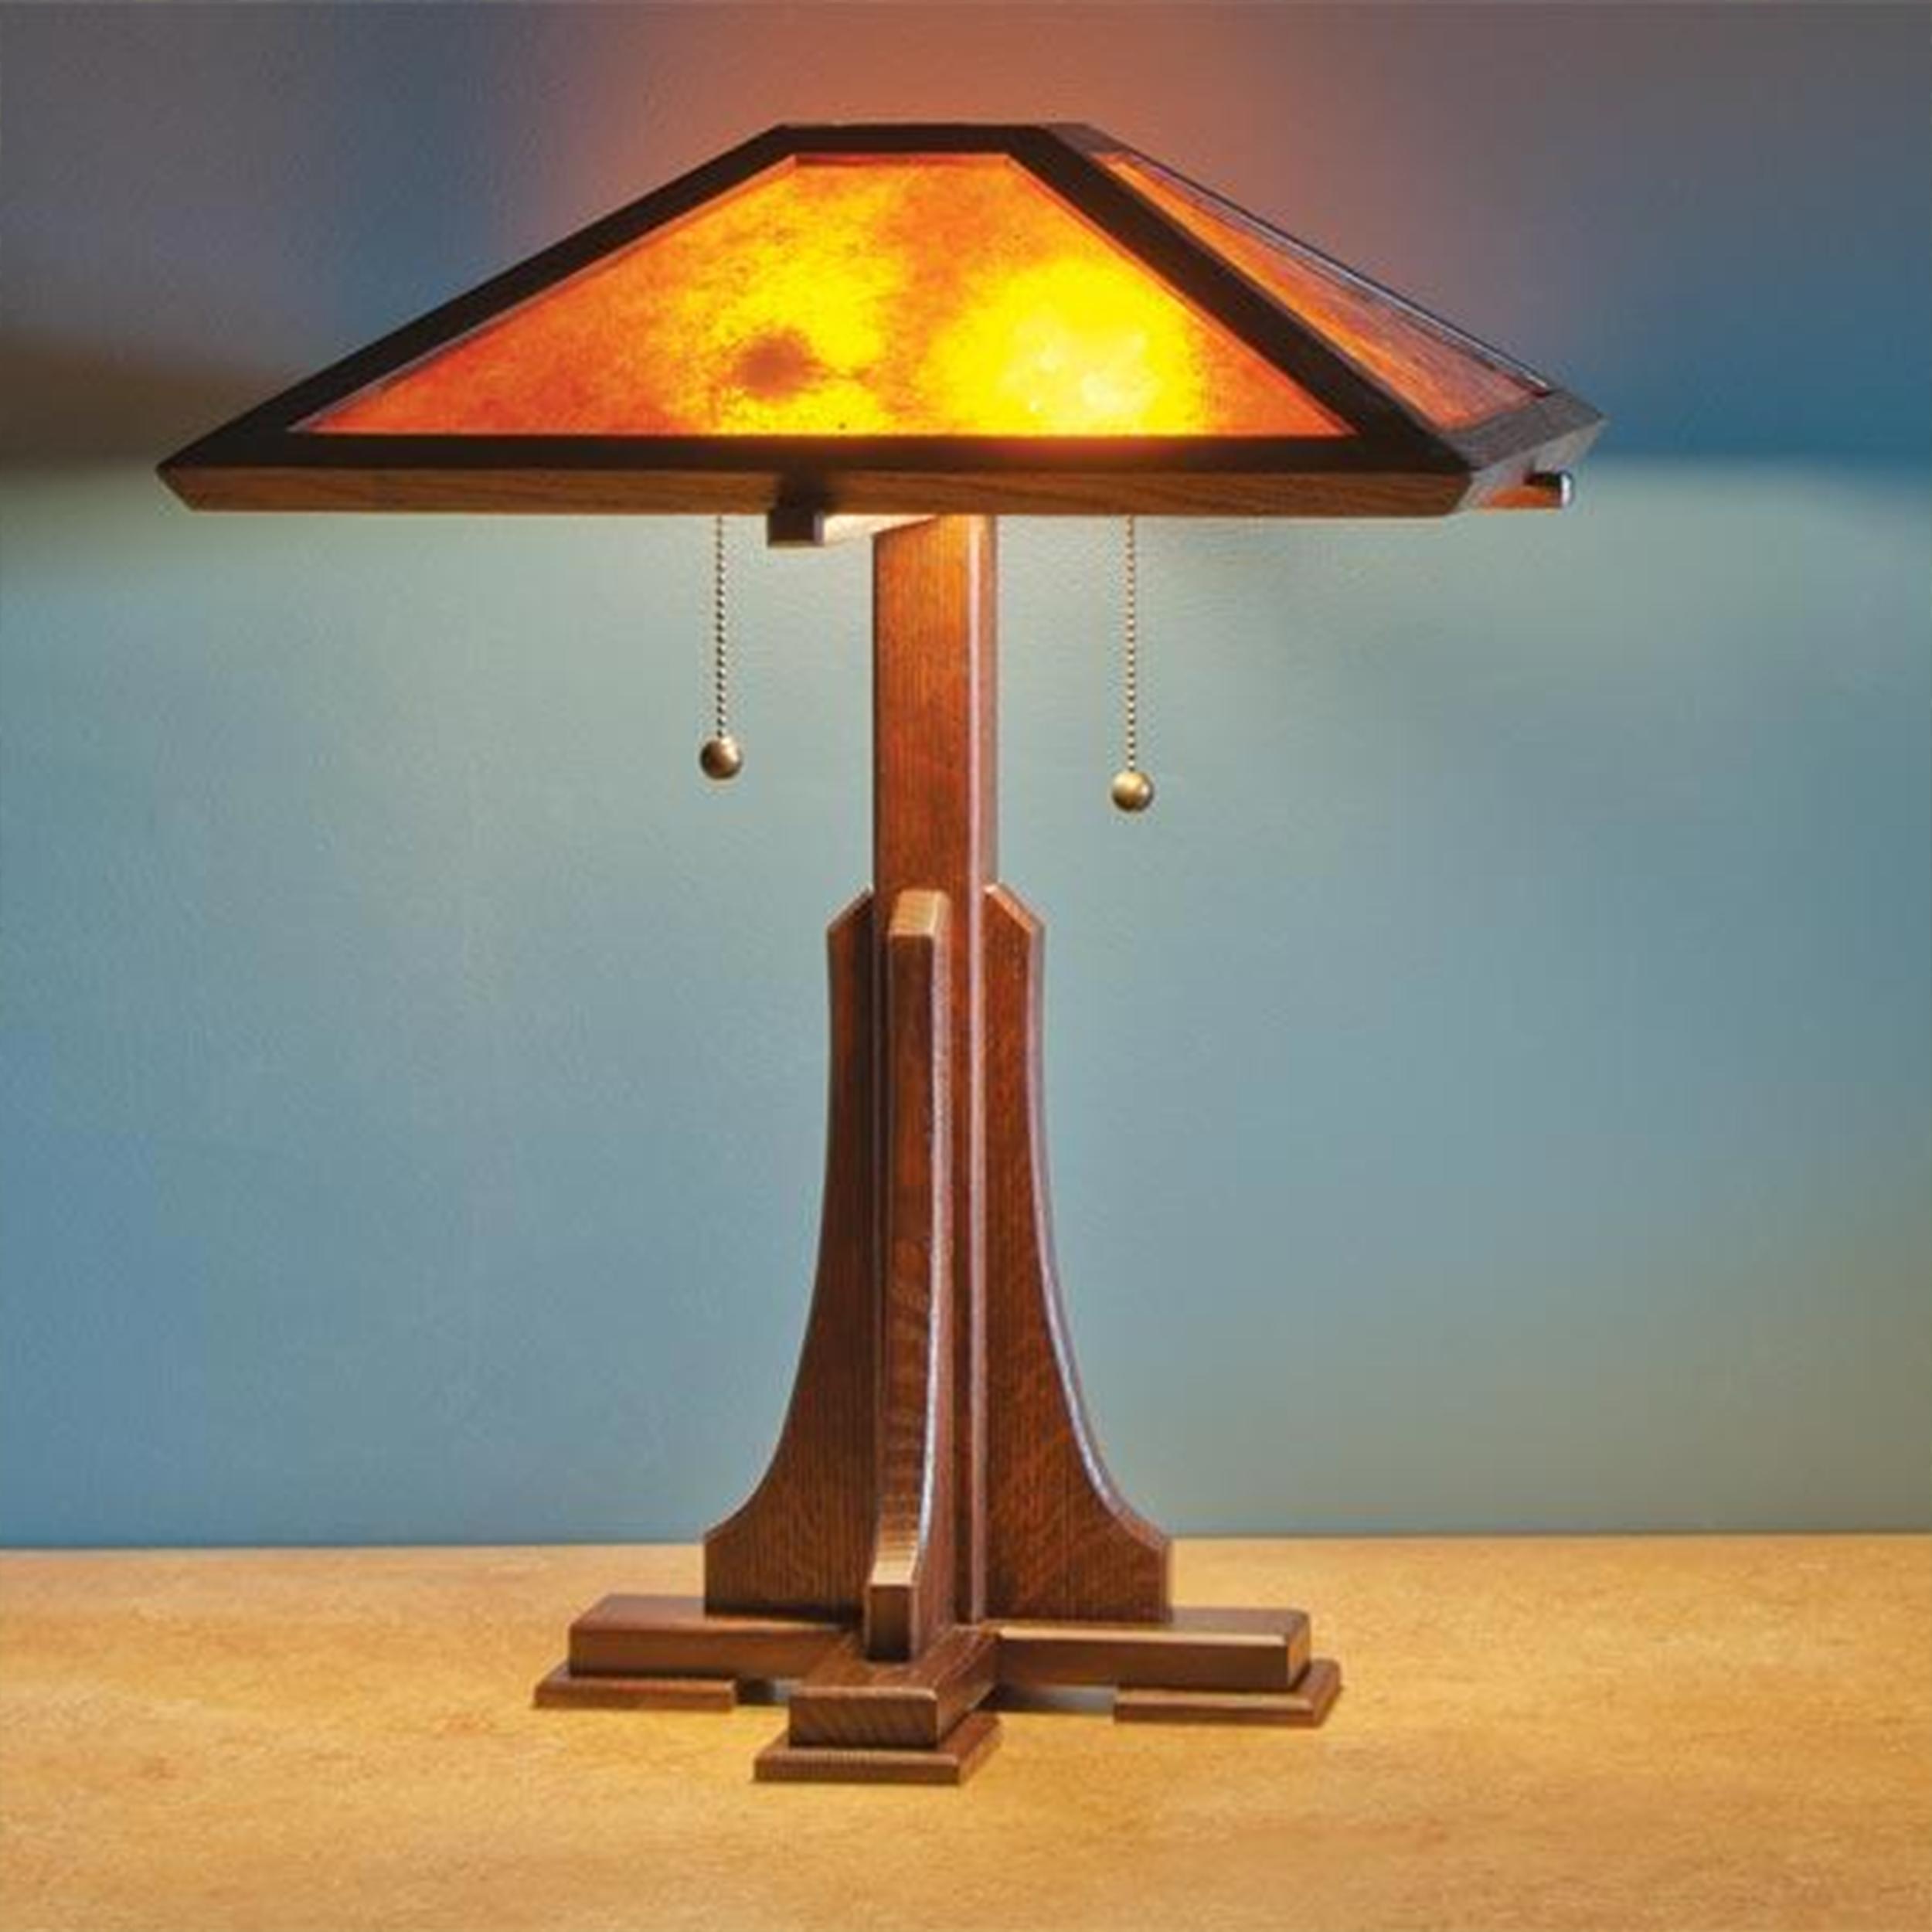 Arts & Craft Lamp - Paper Plan